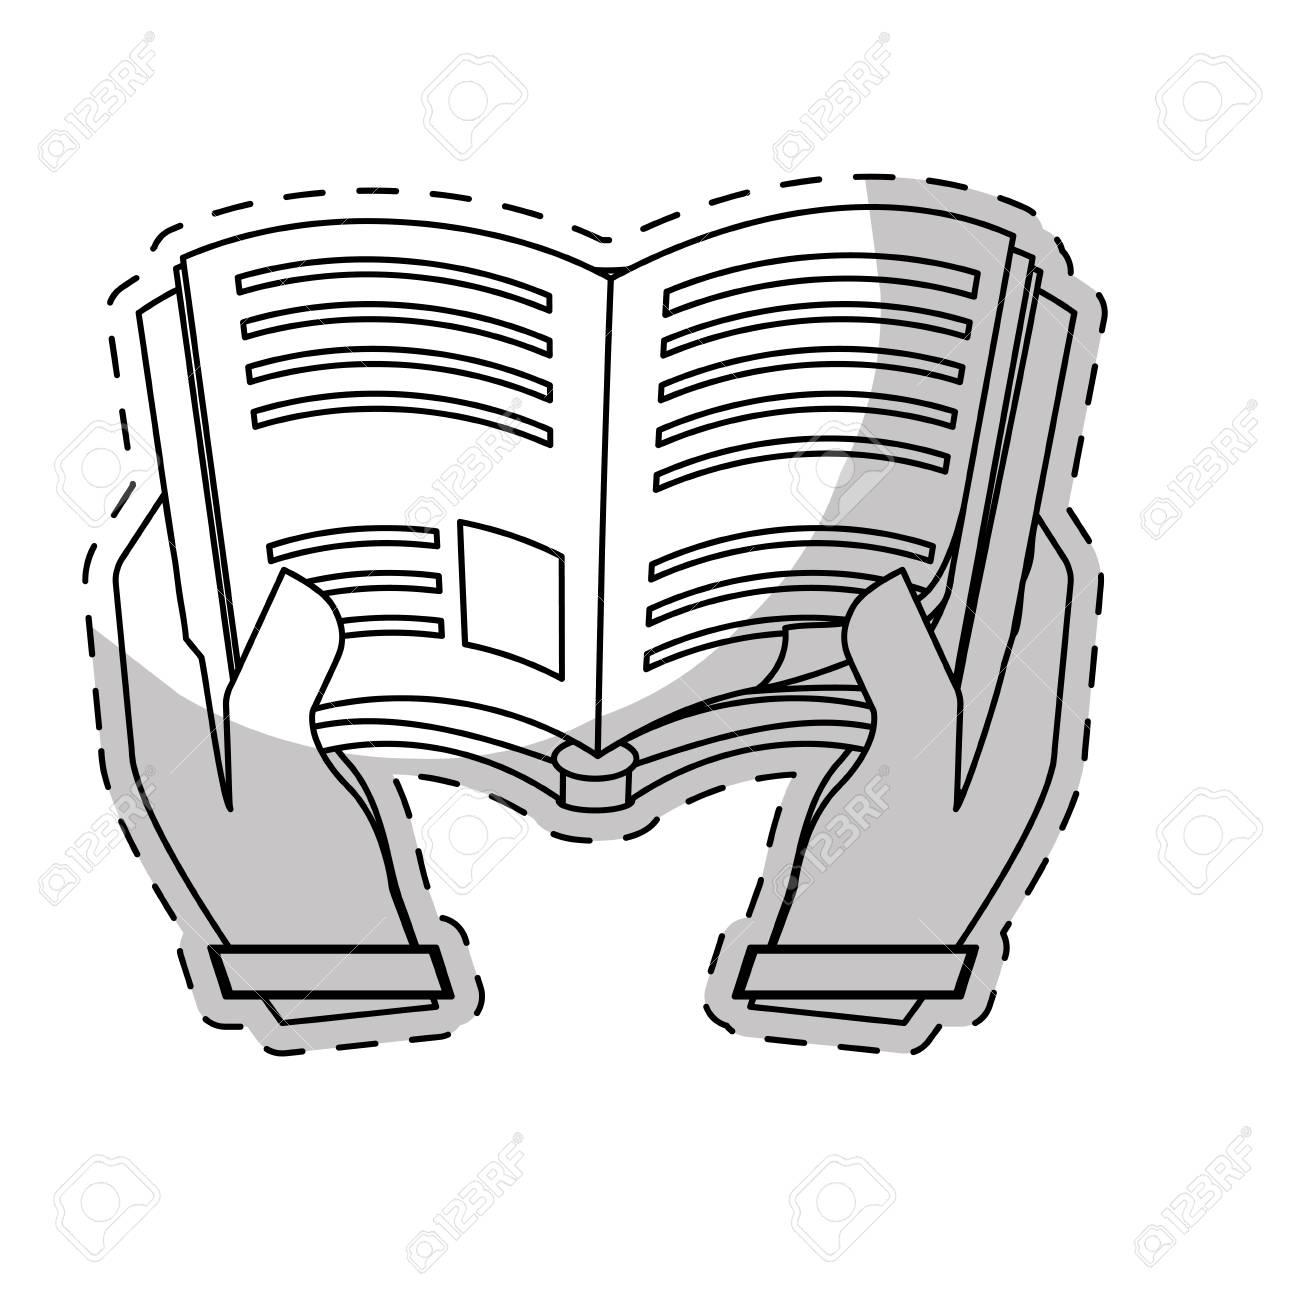 Livre Blanc Dans L Image De L Icone De Mains Illustration Vectorielle